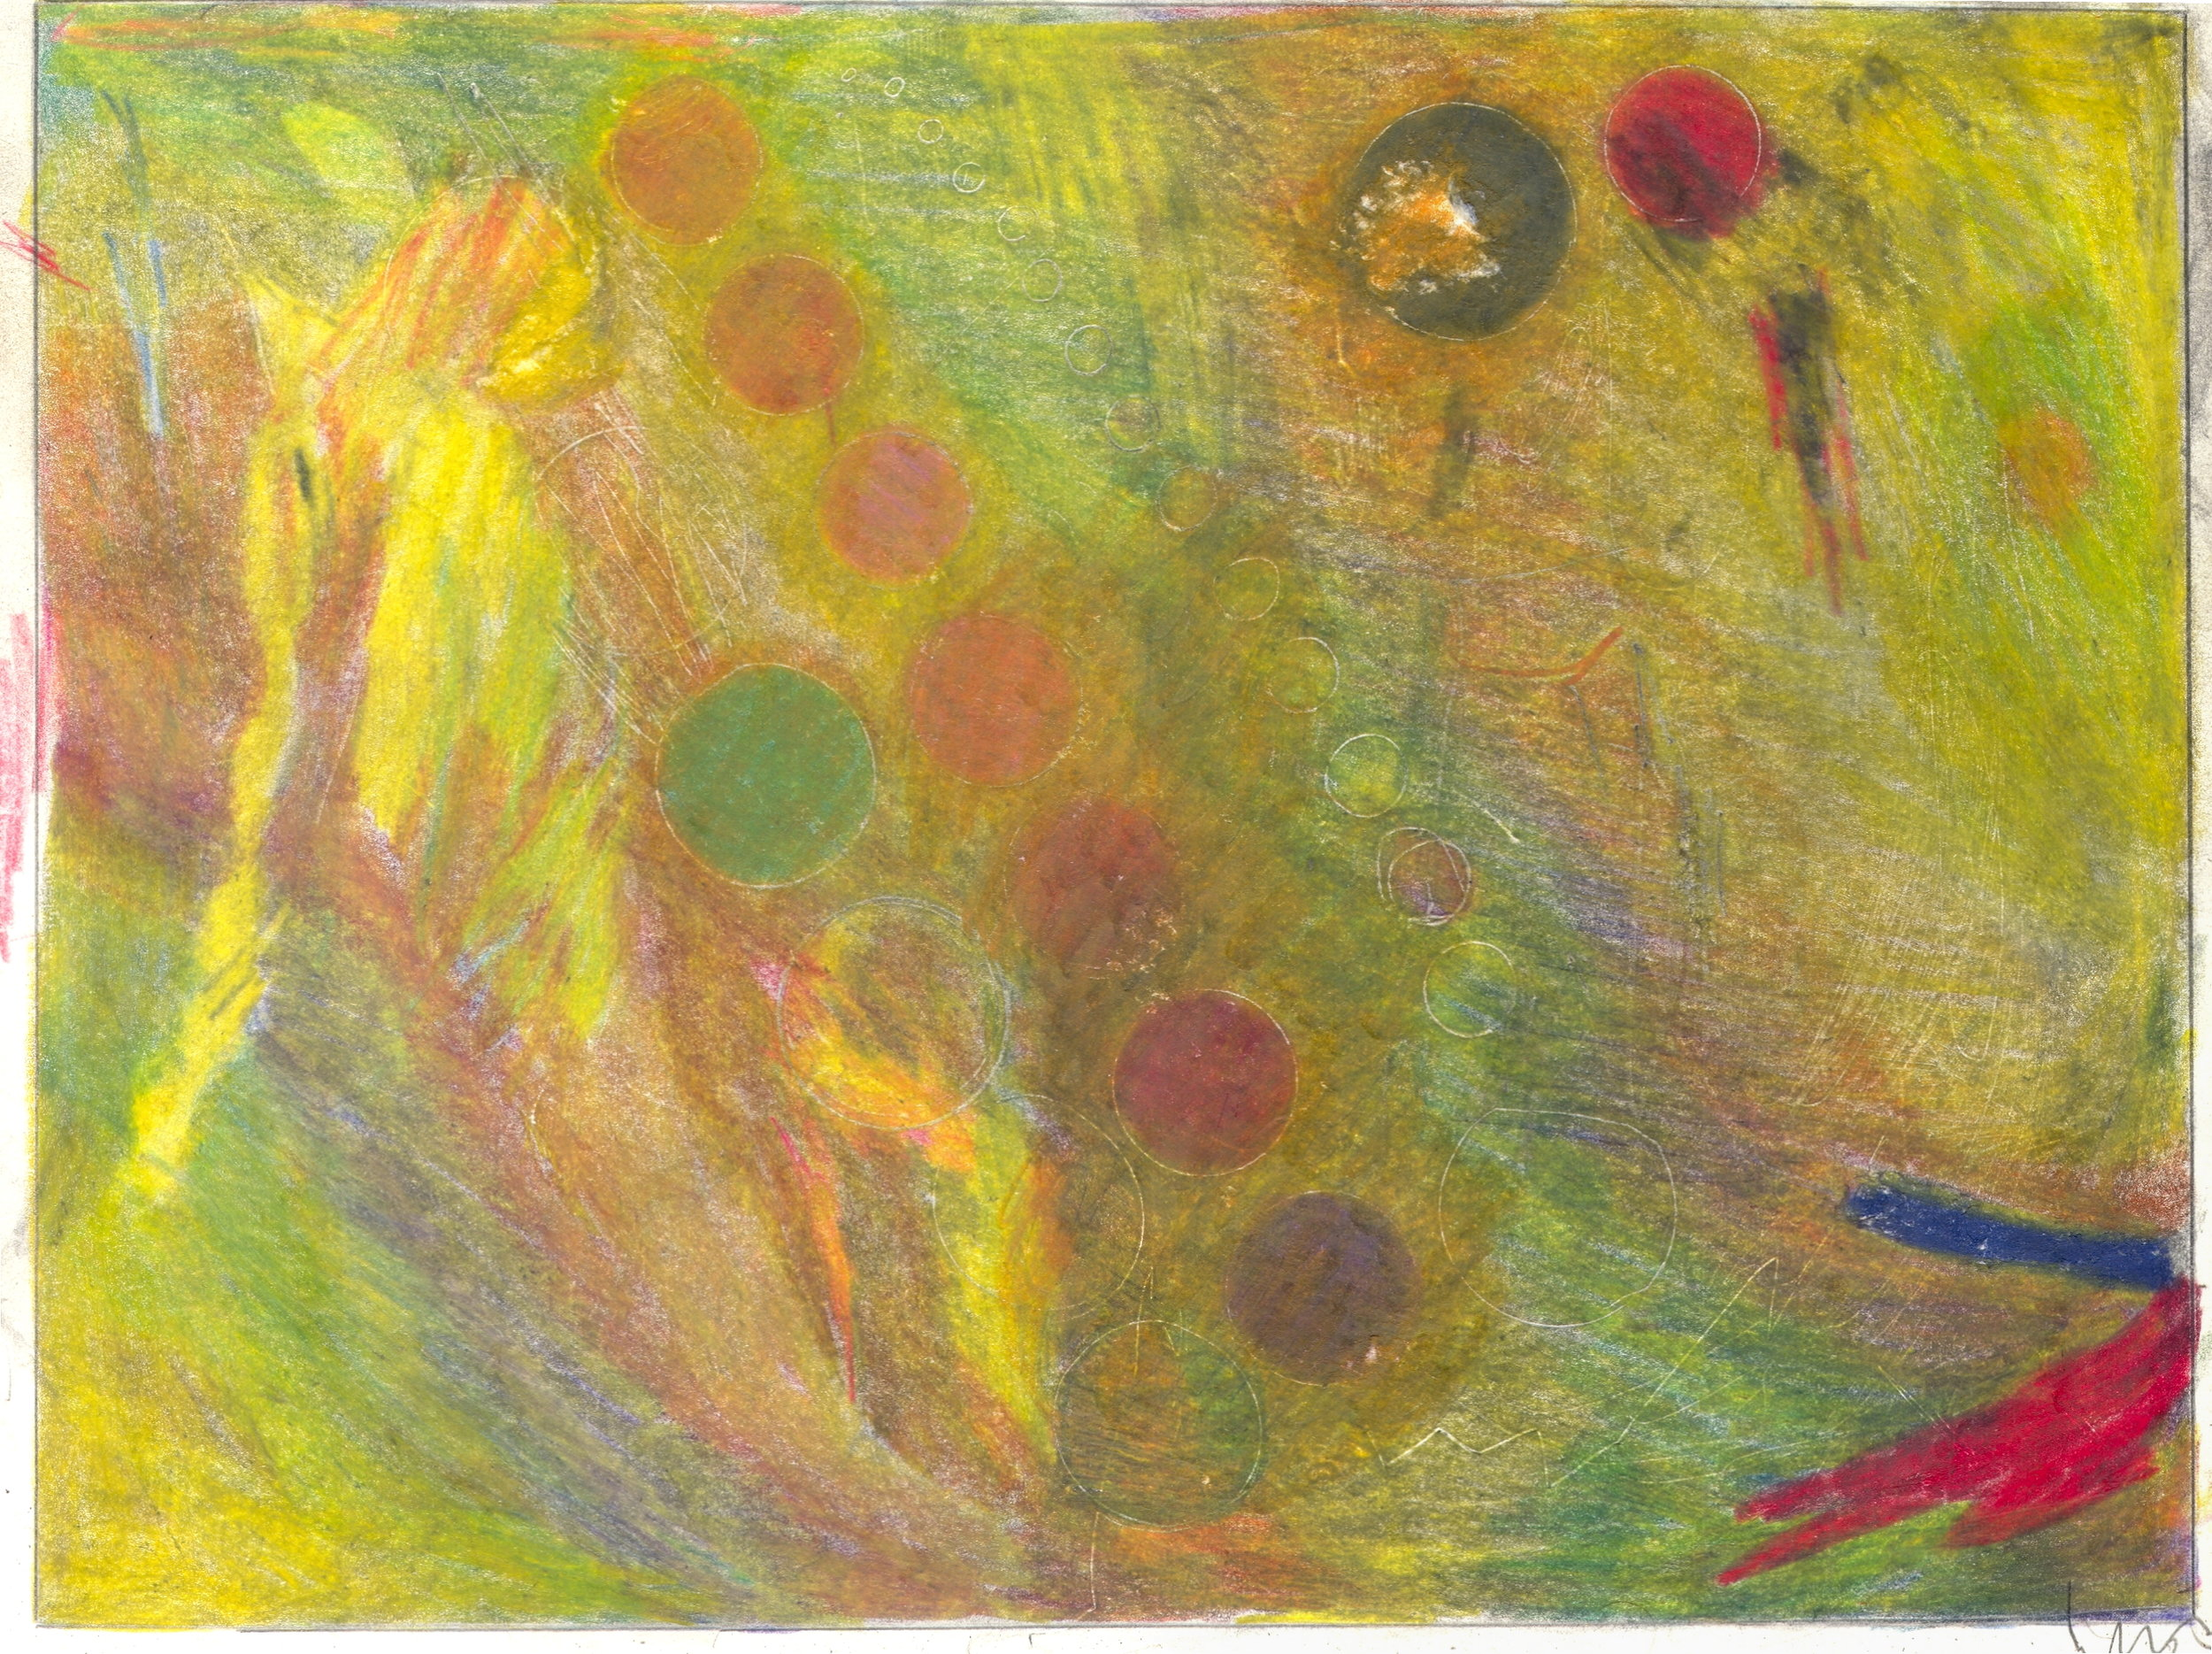 O.T. ( Abstratktion gelb ), 2018  Bleistift Buntstift auf Papier, 26x35.5cm